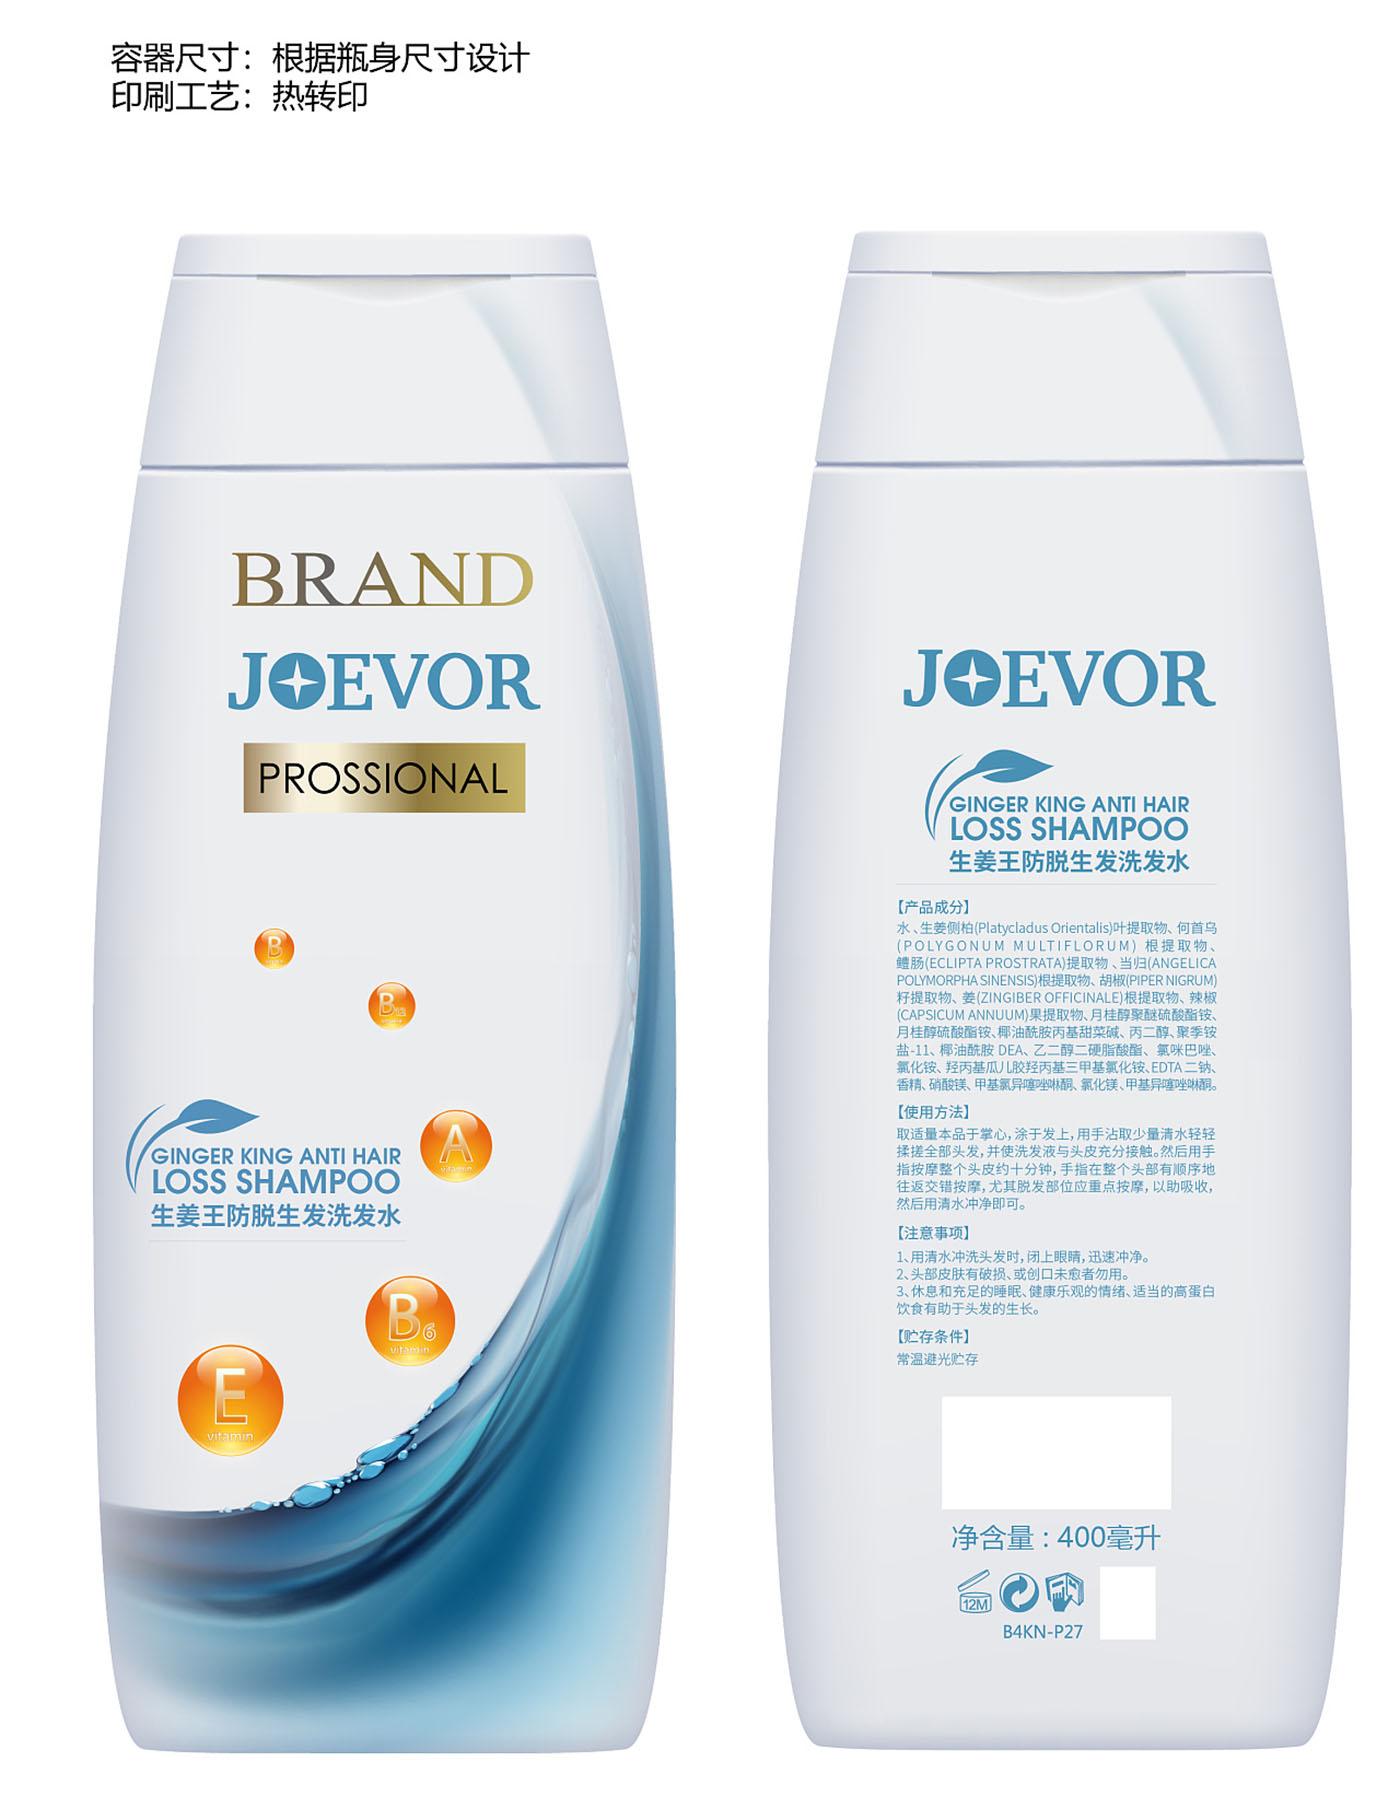 生姜洗发水包装设计-洗发水包装设计公司